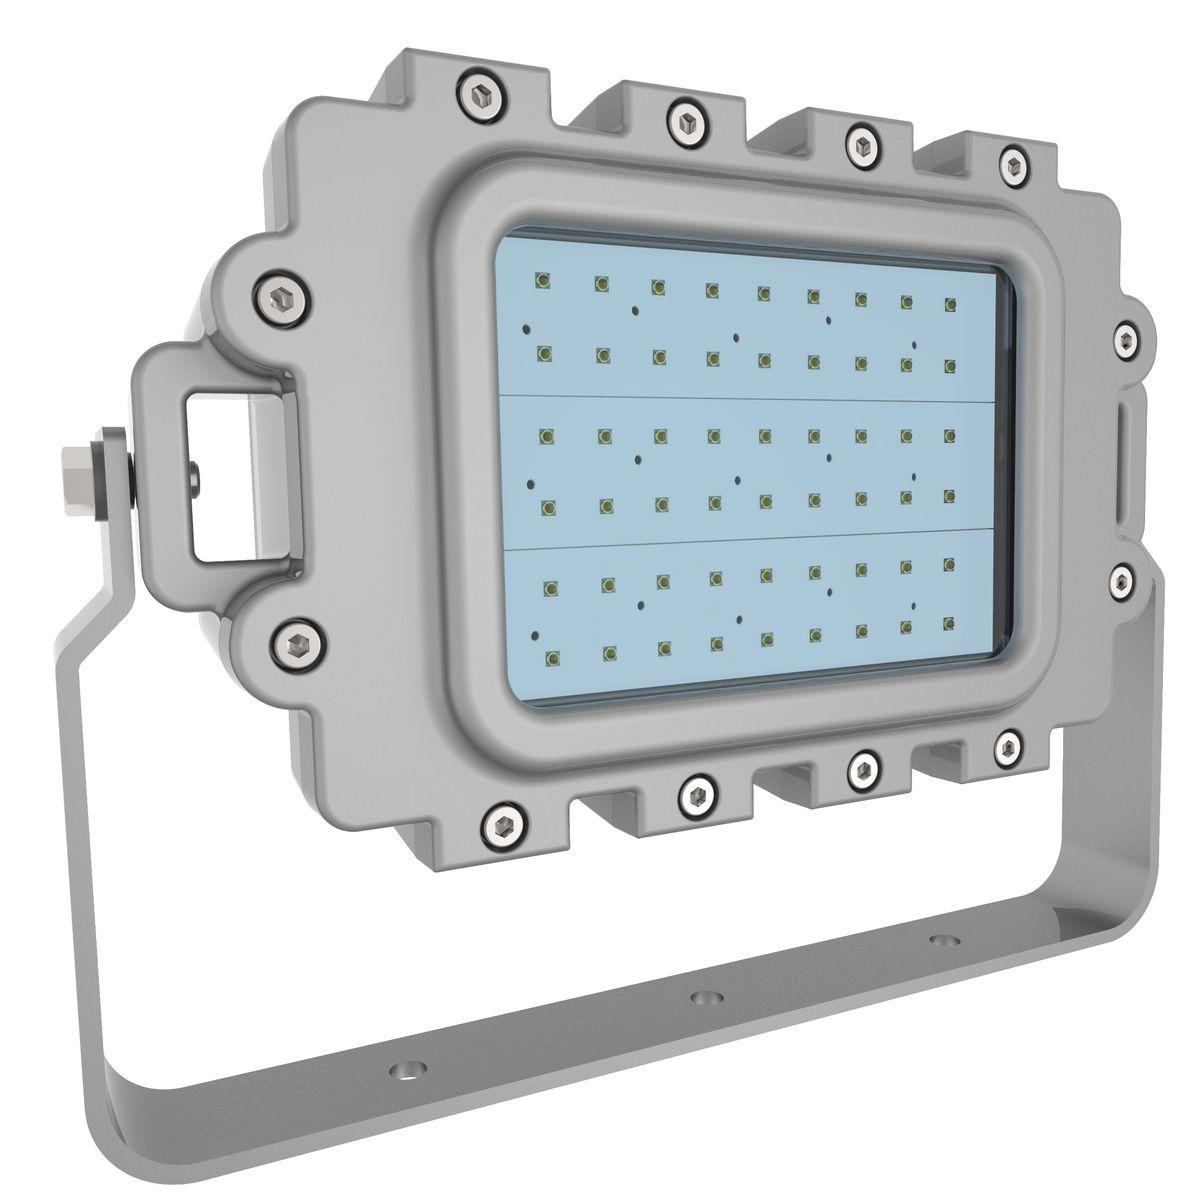 Scotiaex Chalmit Lighting